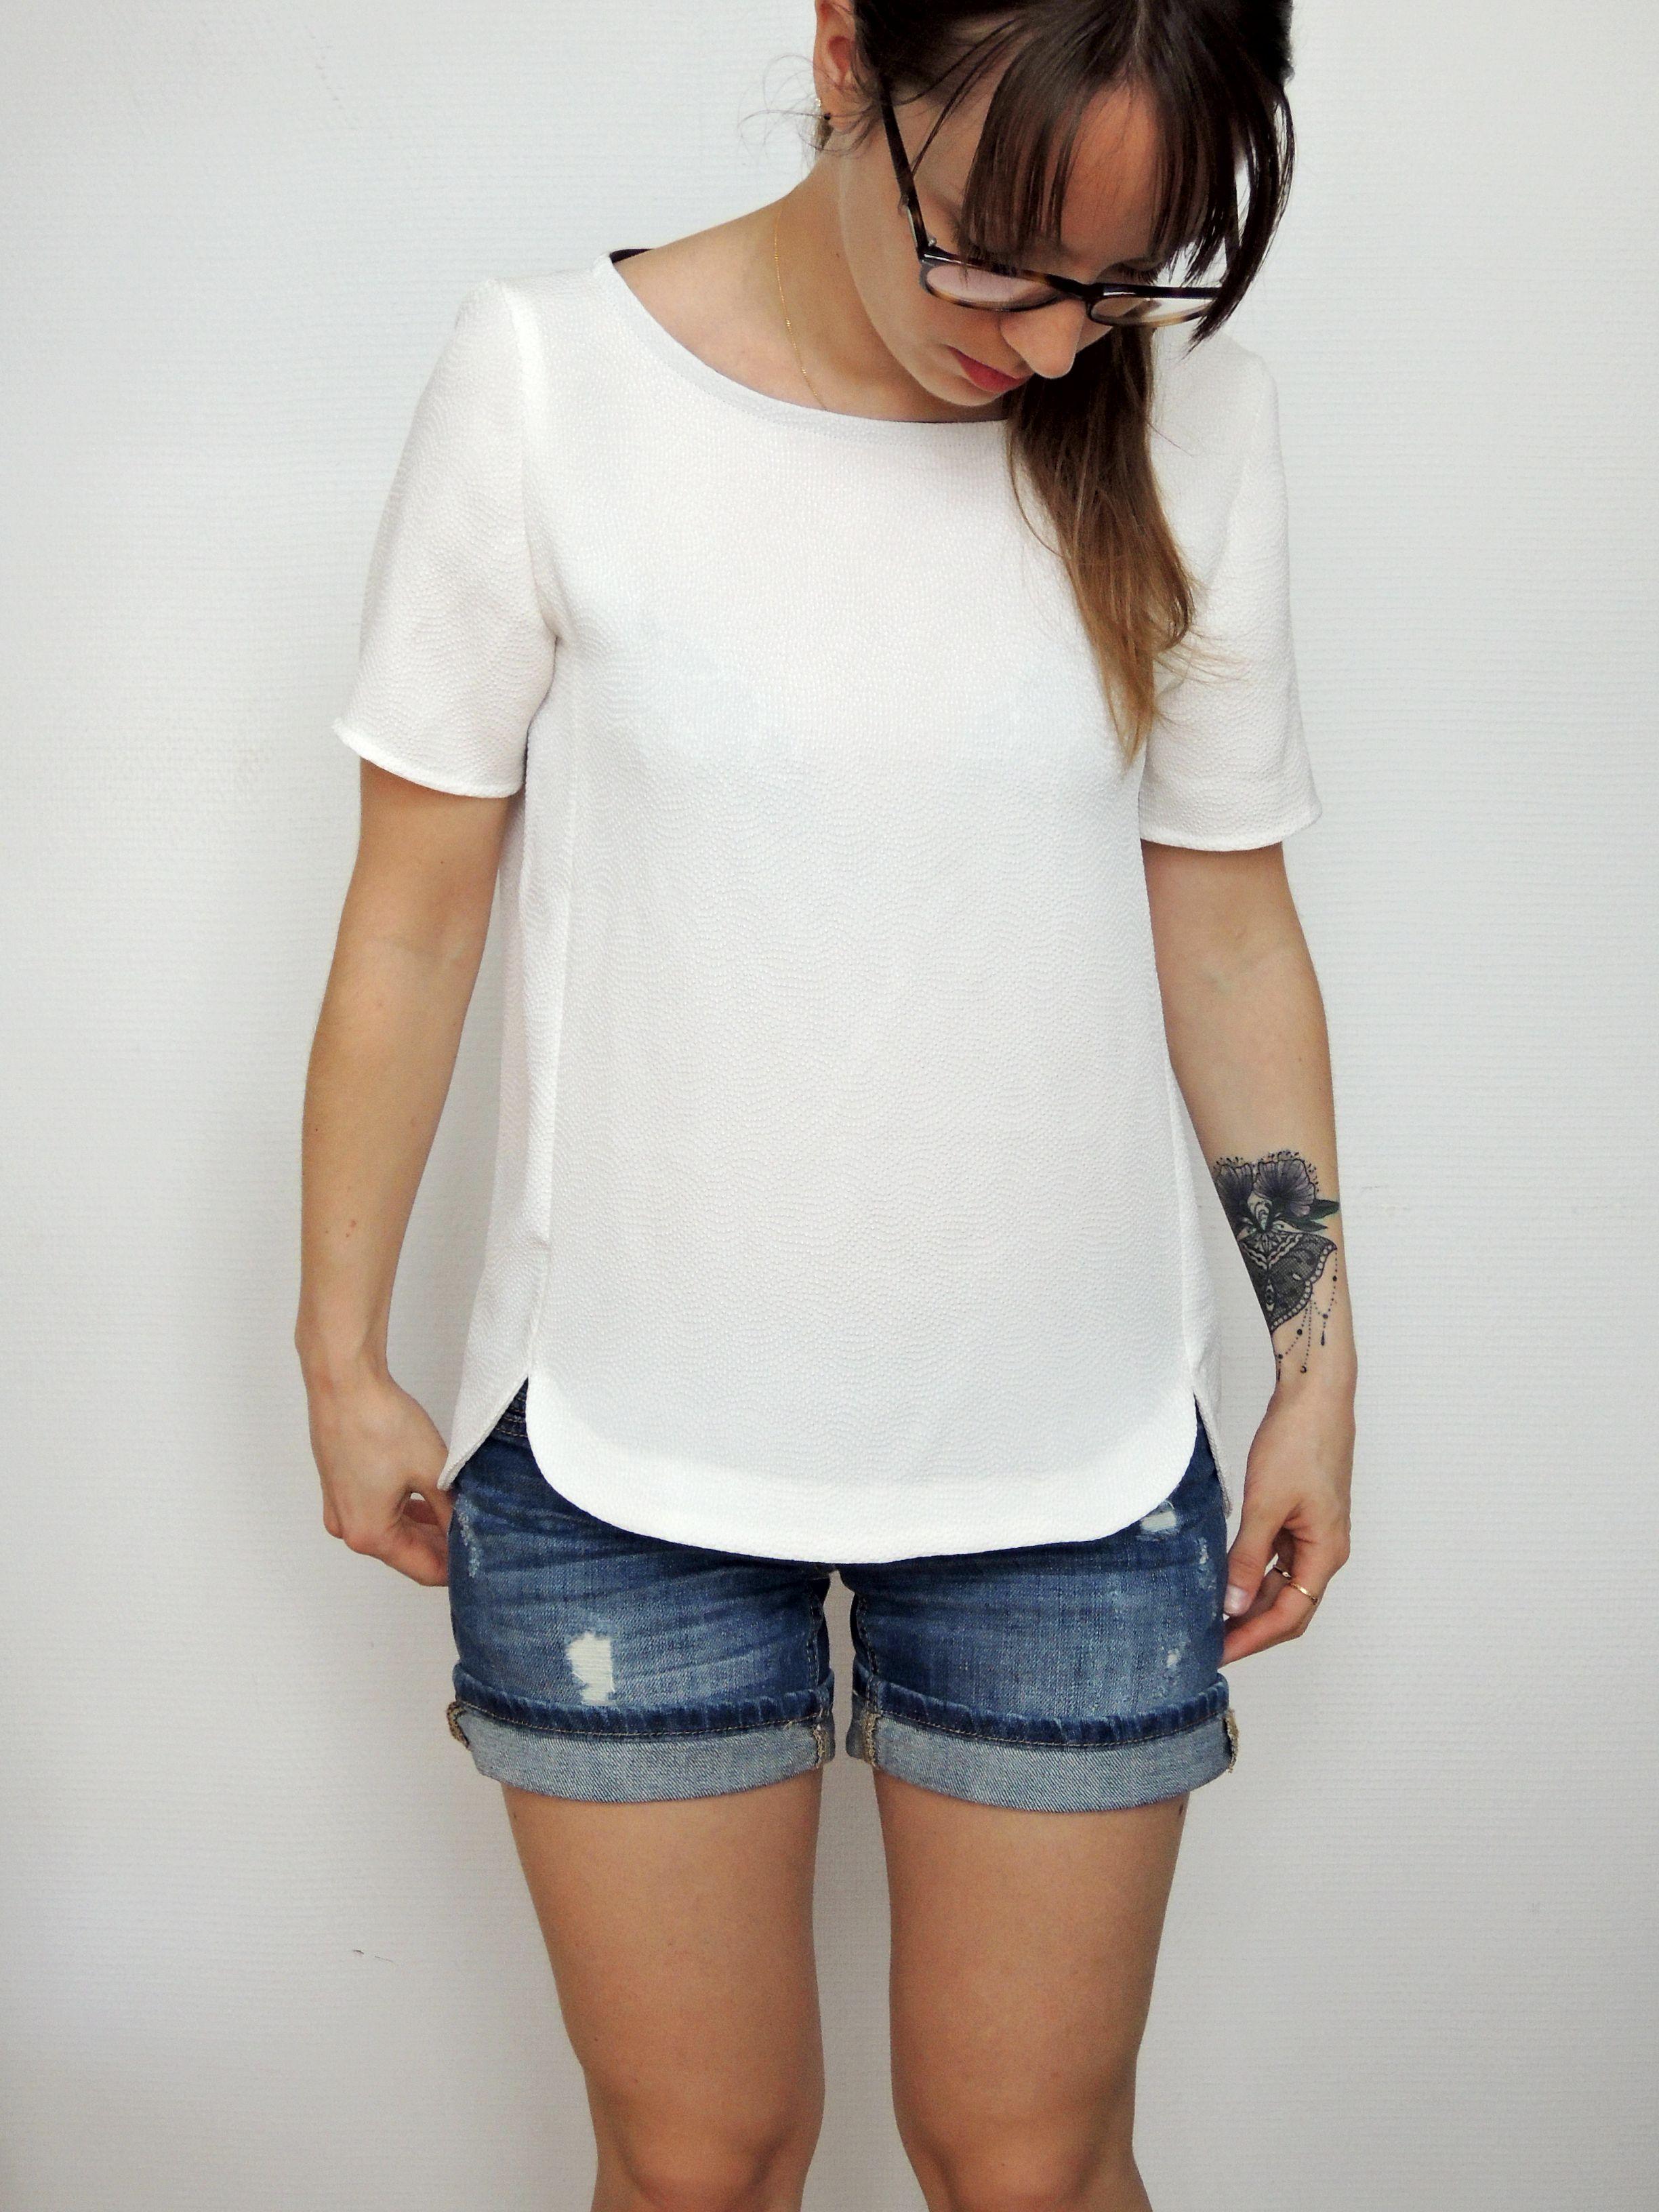 Blouse Cézembre , Anne K Couture | blusas | Pinterest | Costura ...